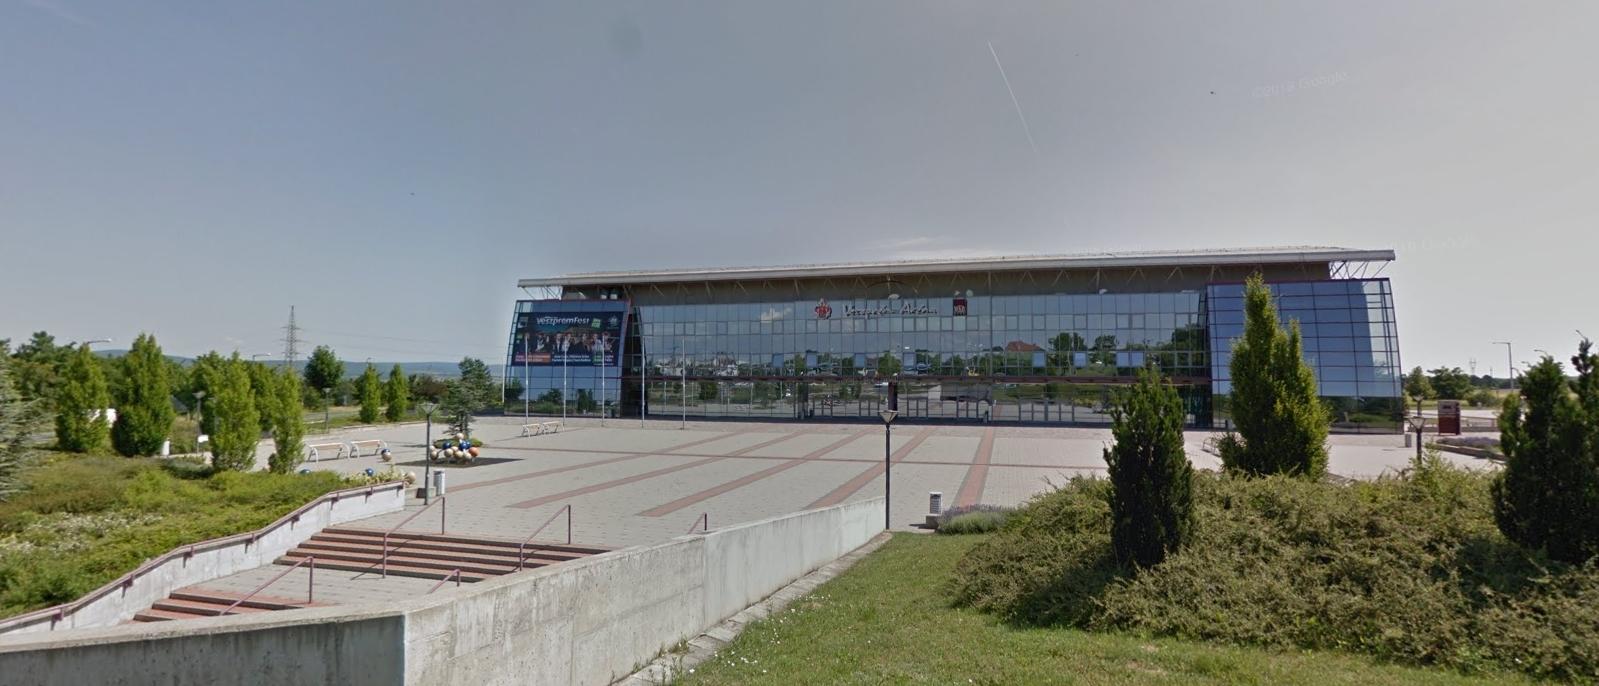 Veszprém mégsem lesz rendező város a kézilabda Eb-n